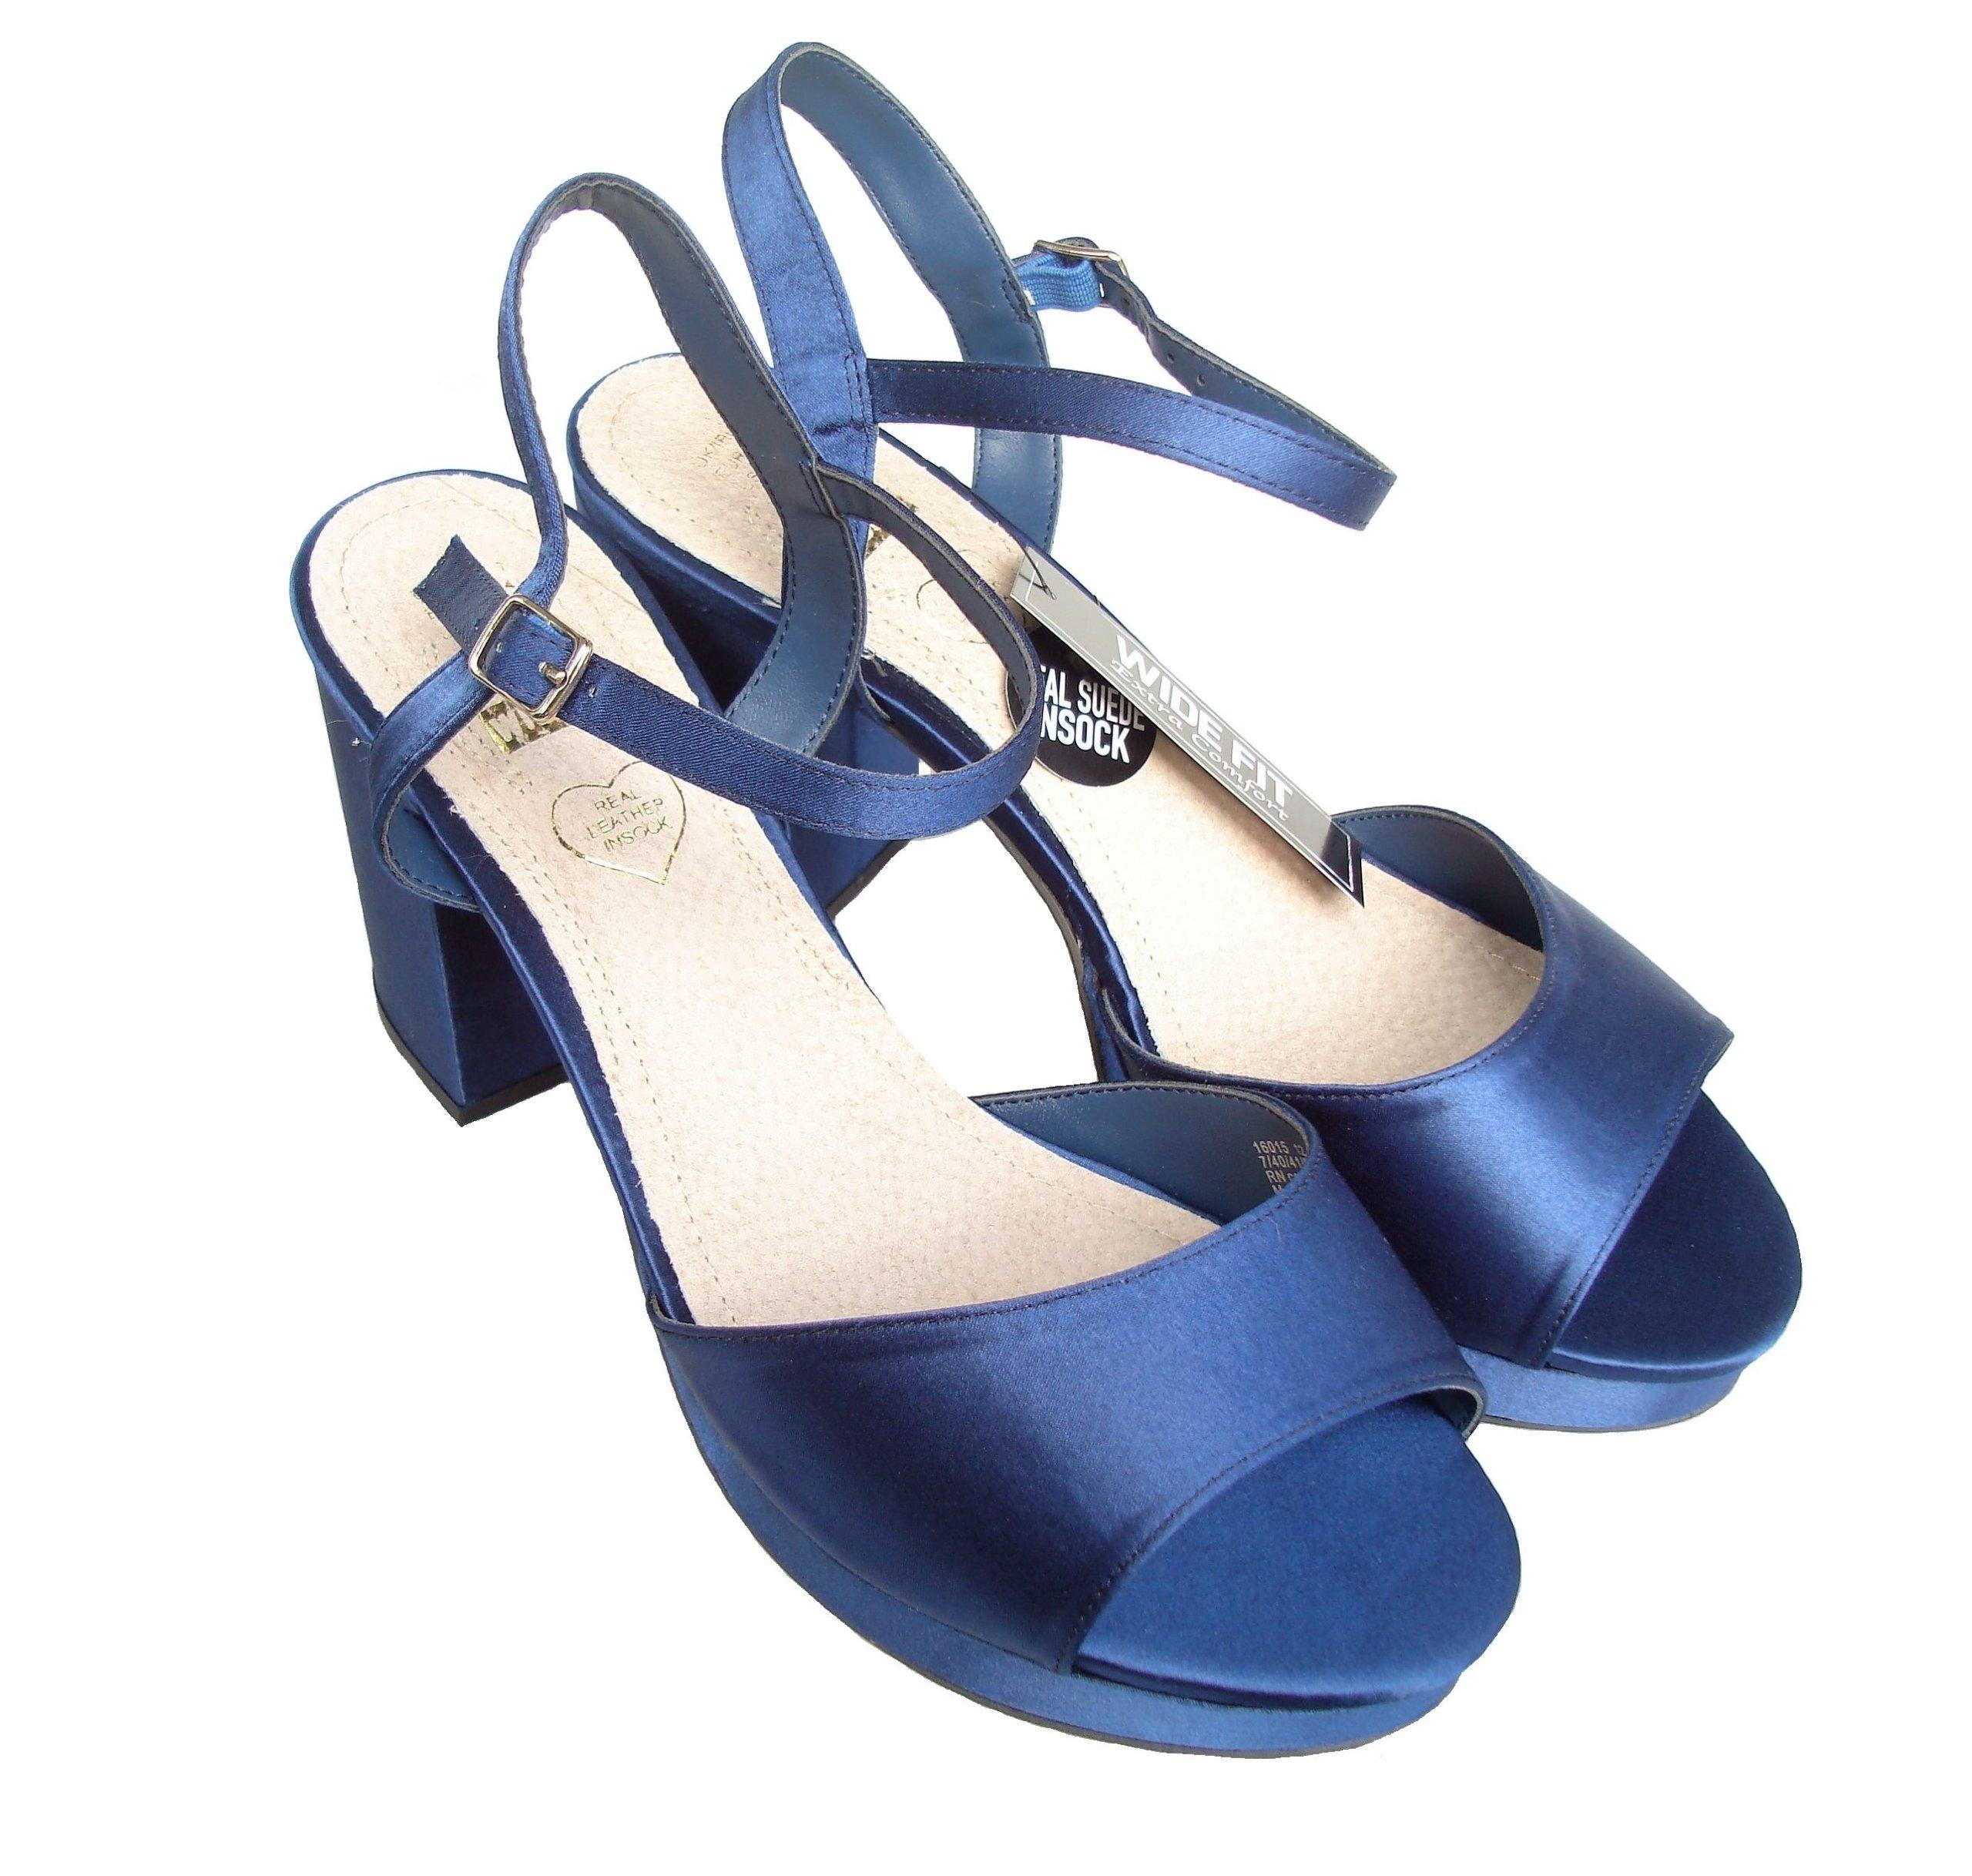 szerokie sandały 39,5 - 40 na obcasie Atmosphere